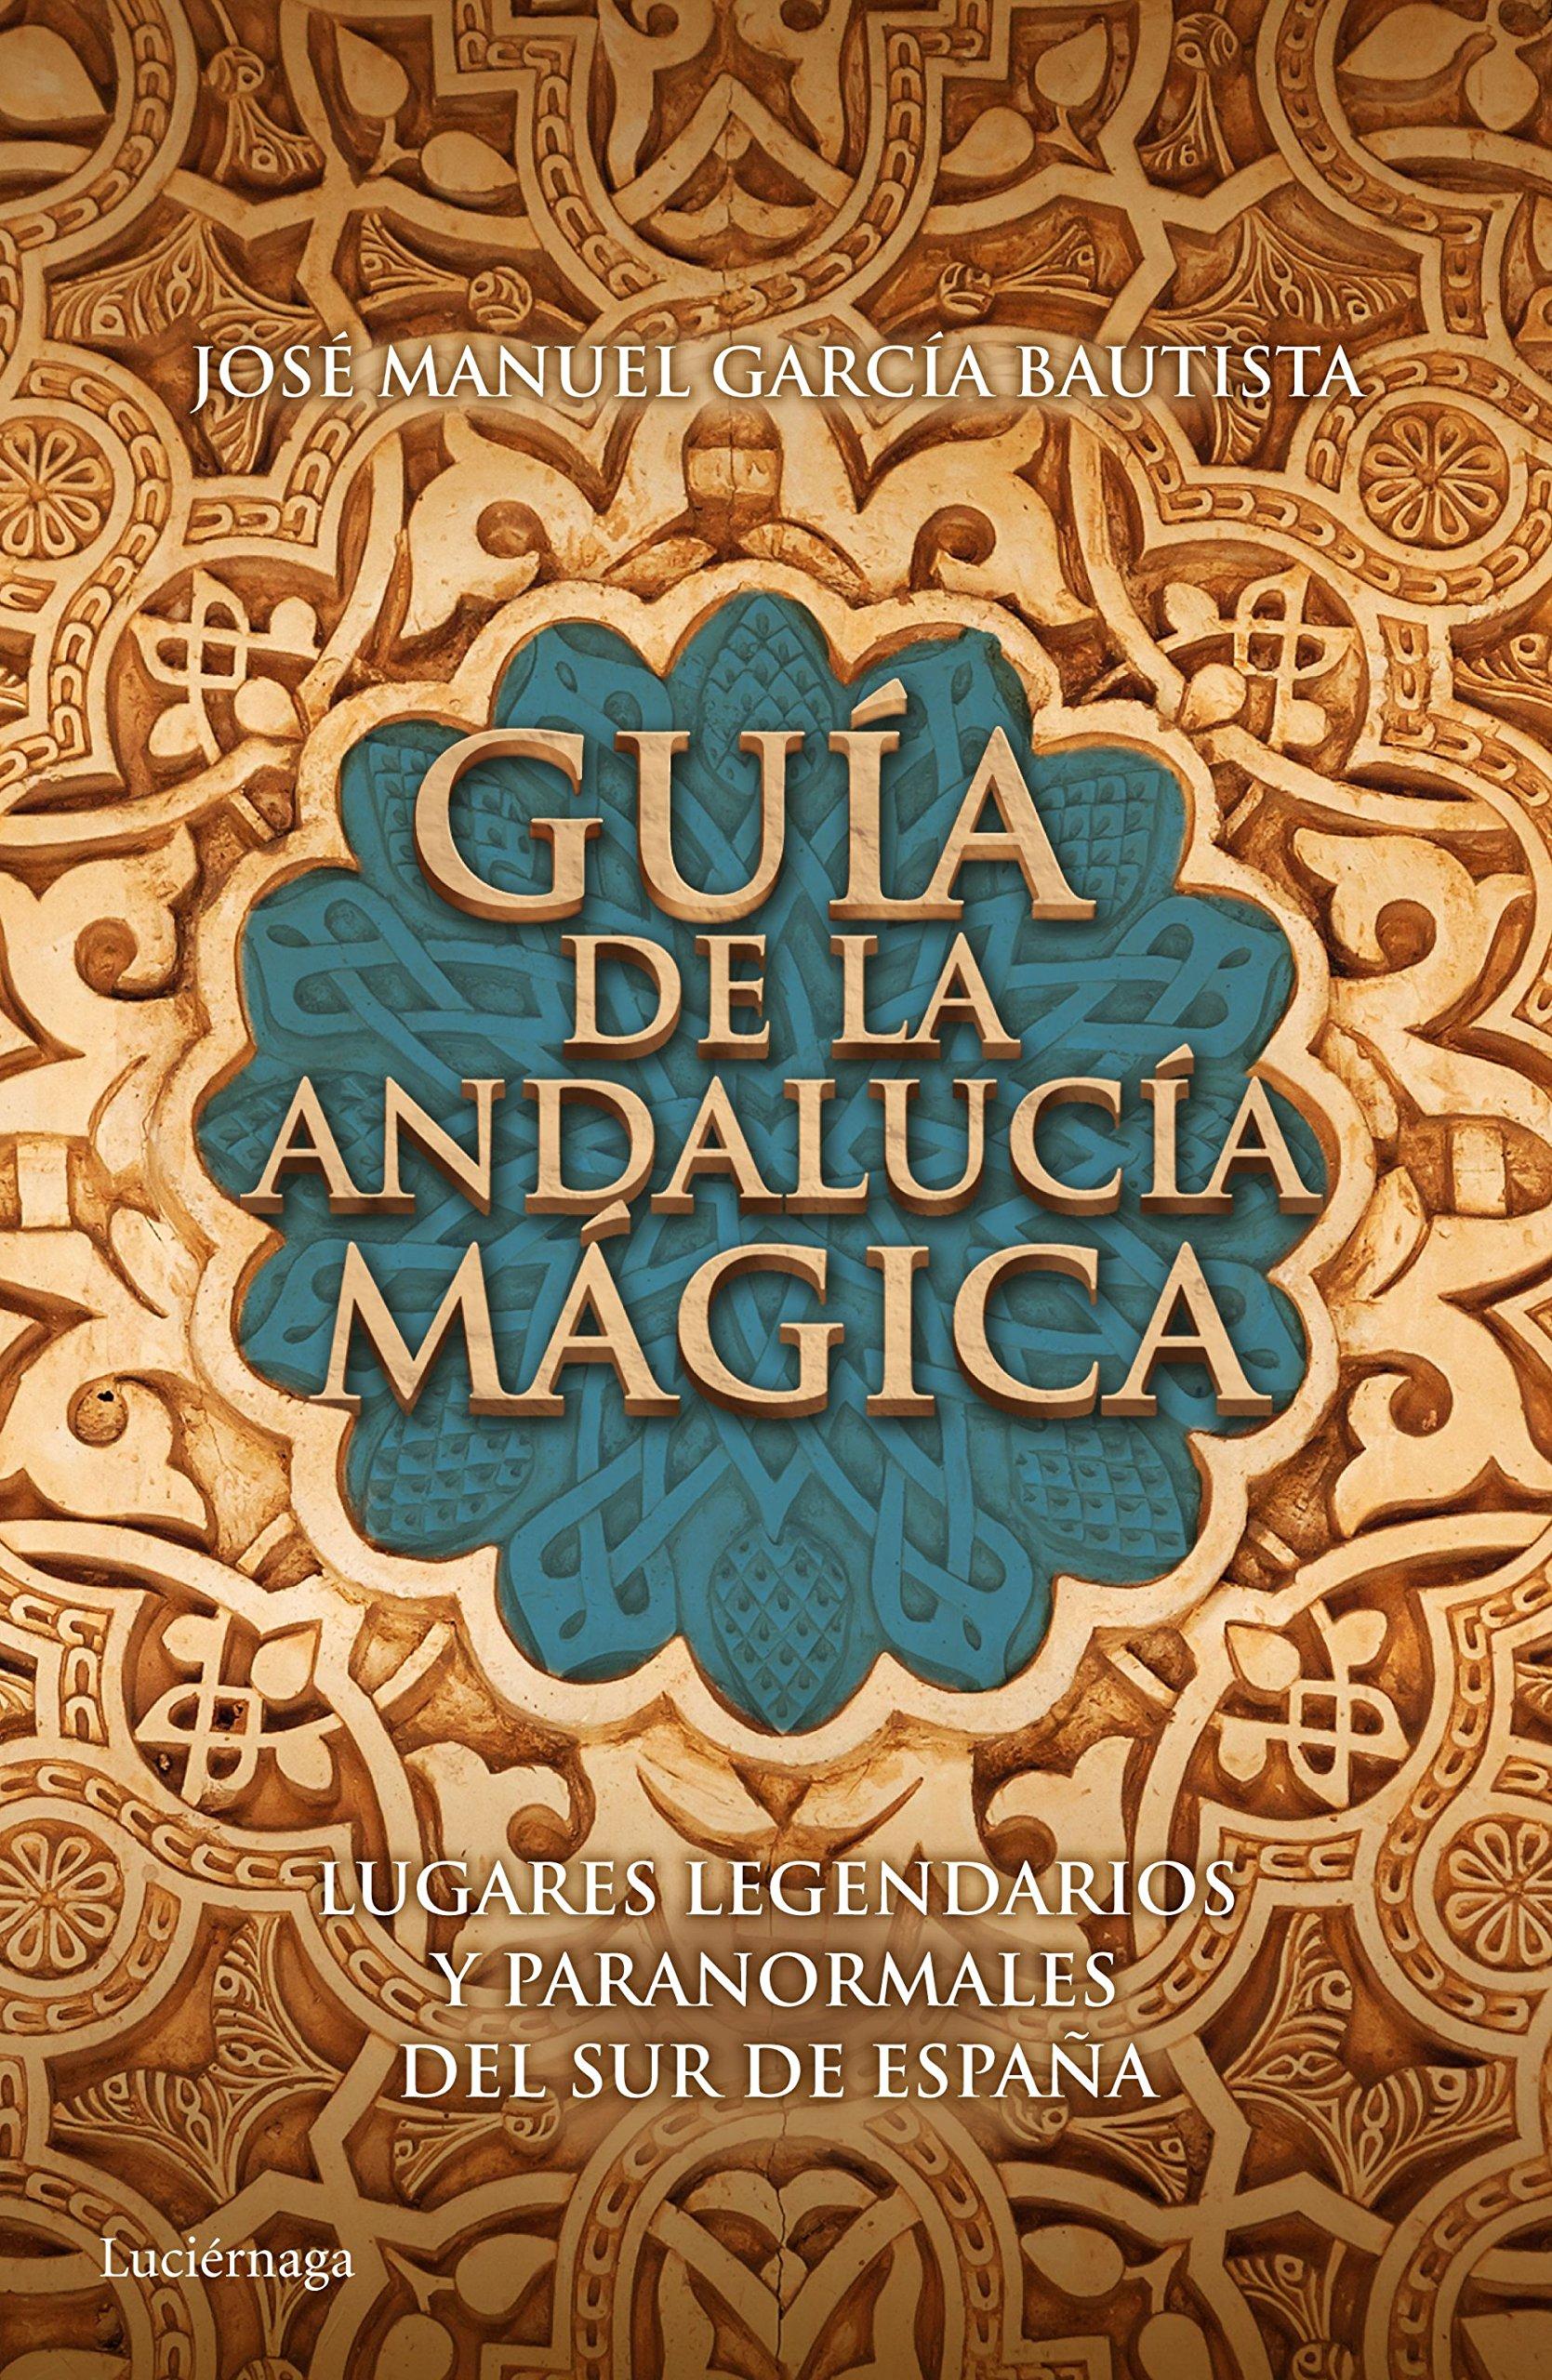 Guía de la Andalucía mágica: Lugares legendarios y paranormales del sur de España Guías mágicas: Amazon.es: García Bautista, José Manuel: Libros